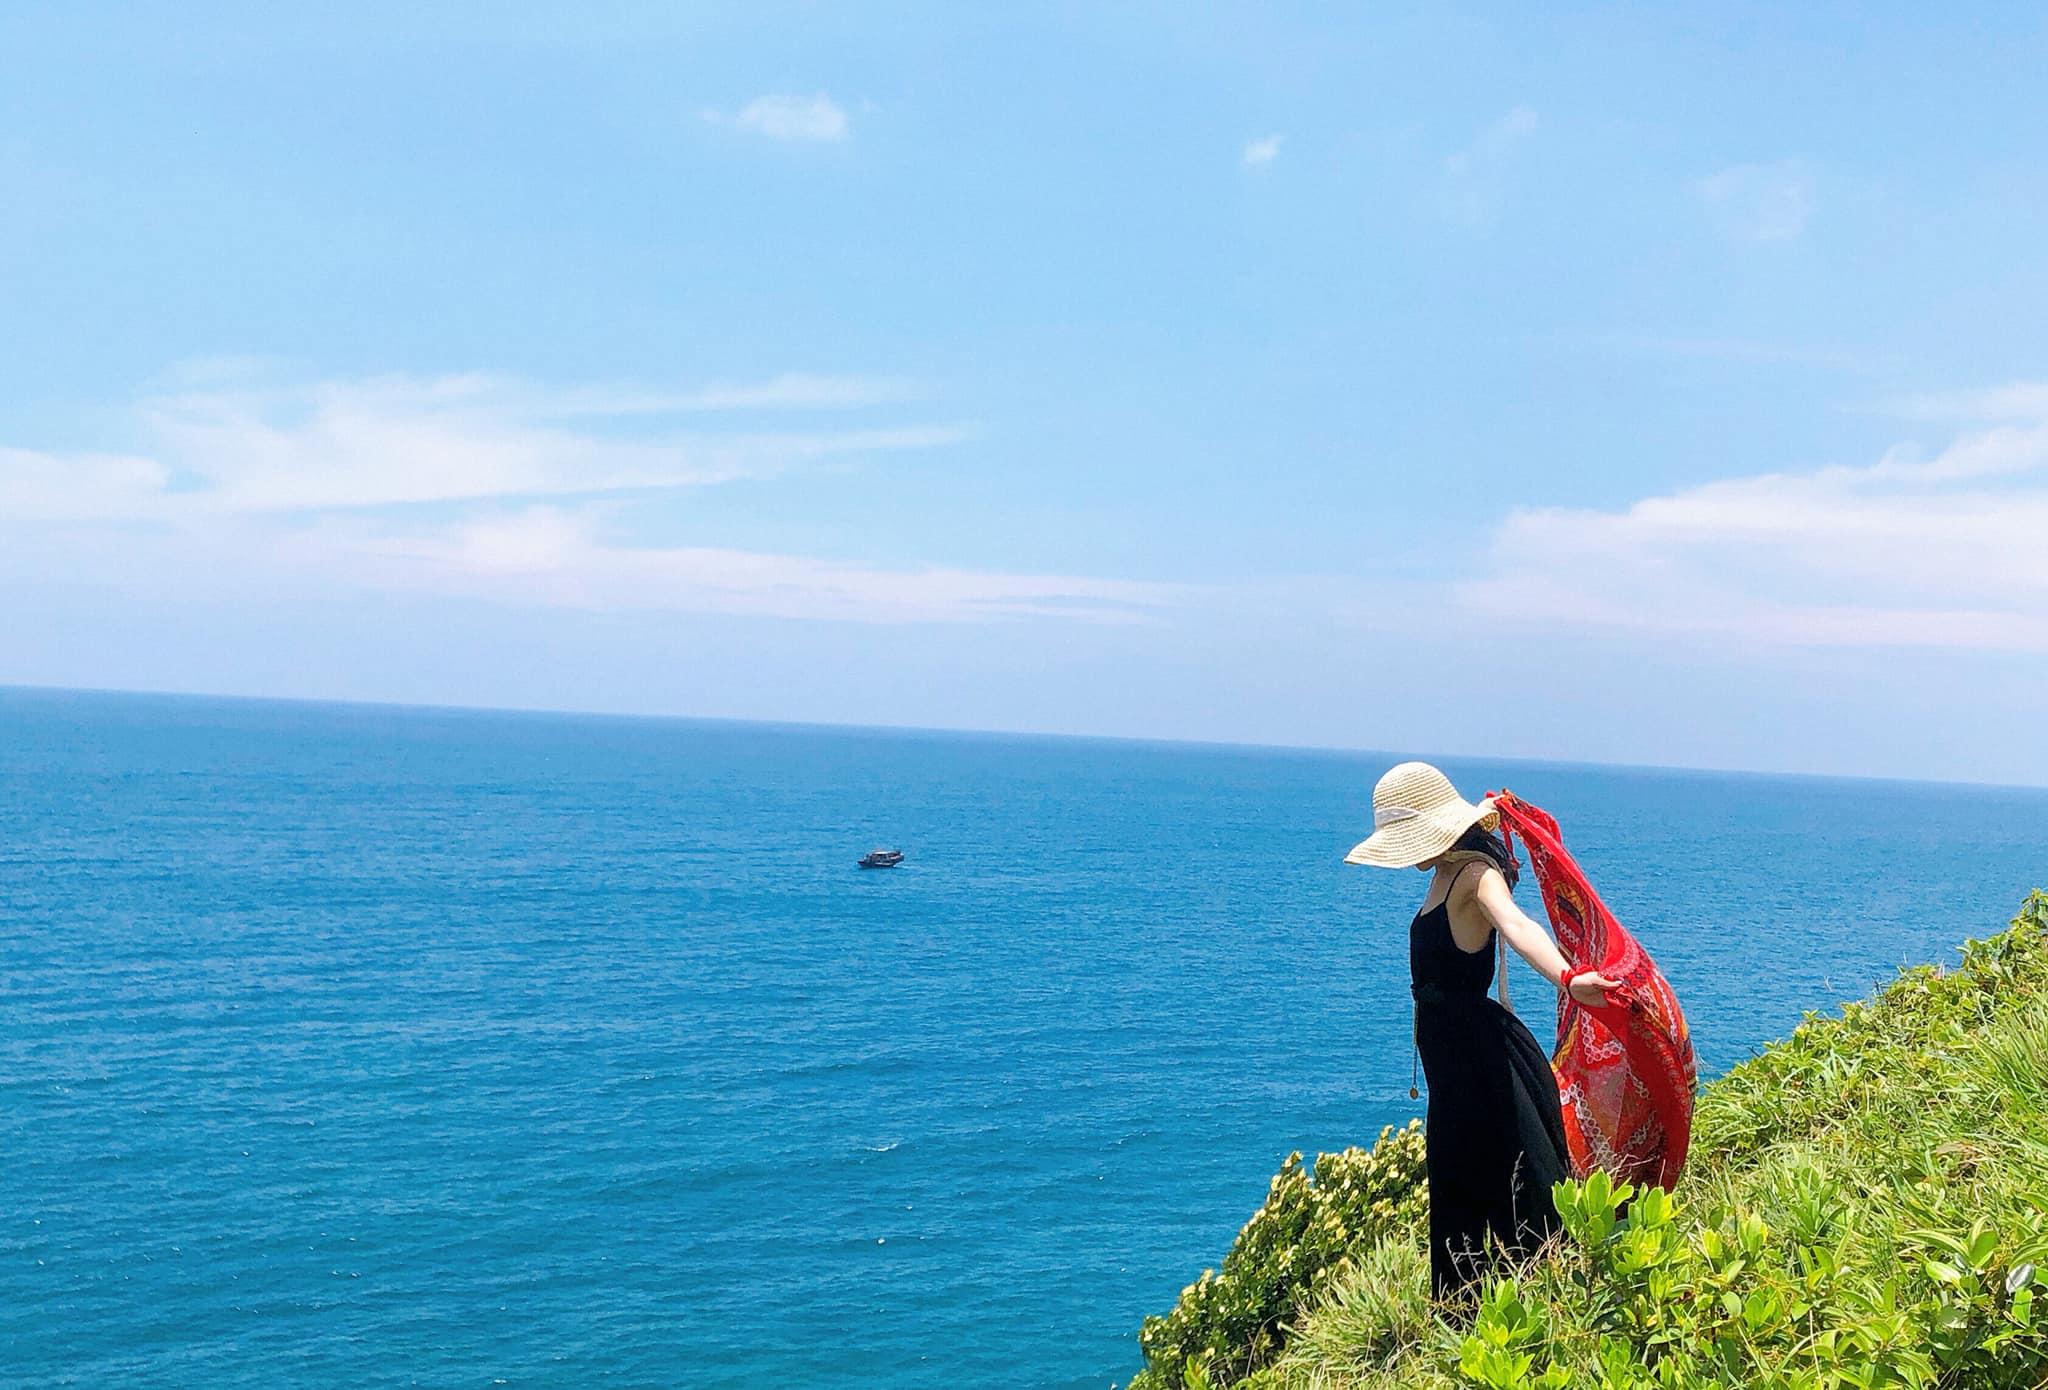 Lãng mạn đảo xanh Cô Tô (Quảng Ninh)